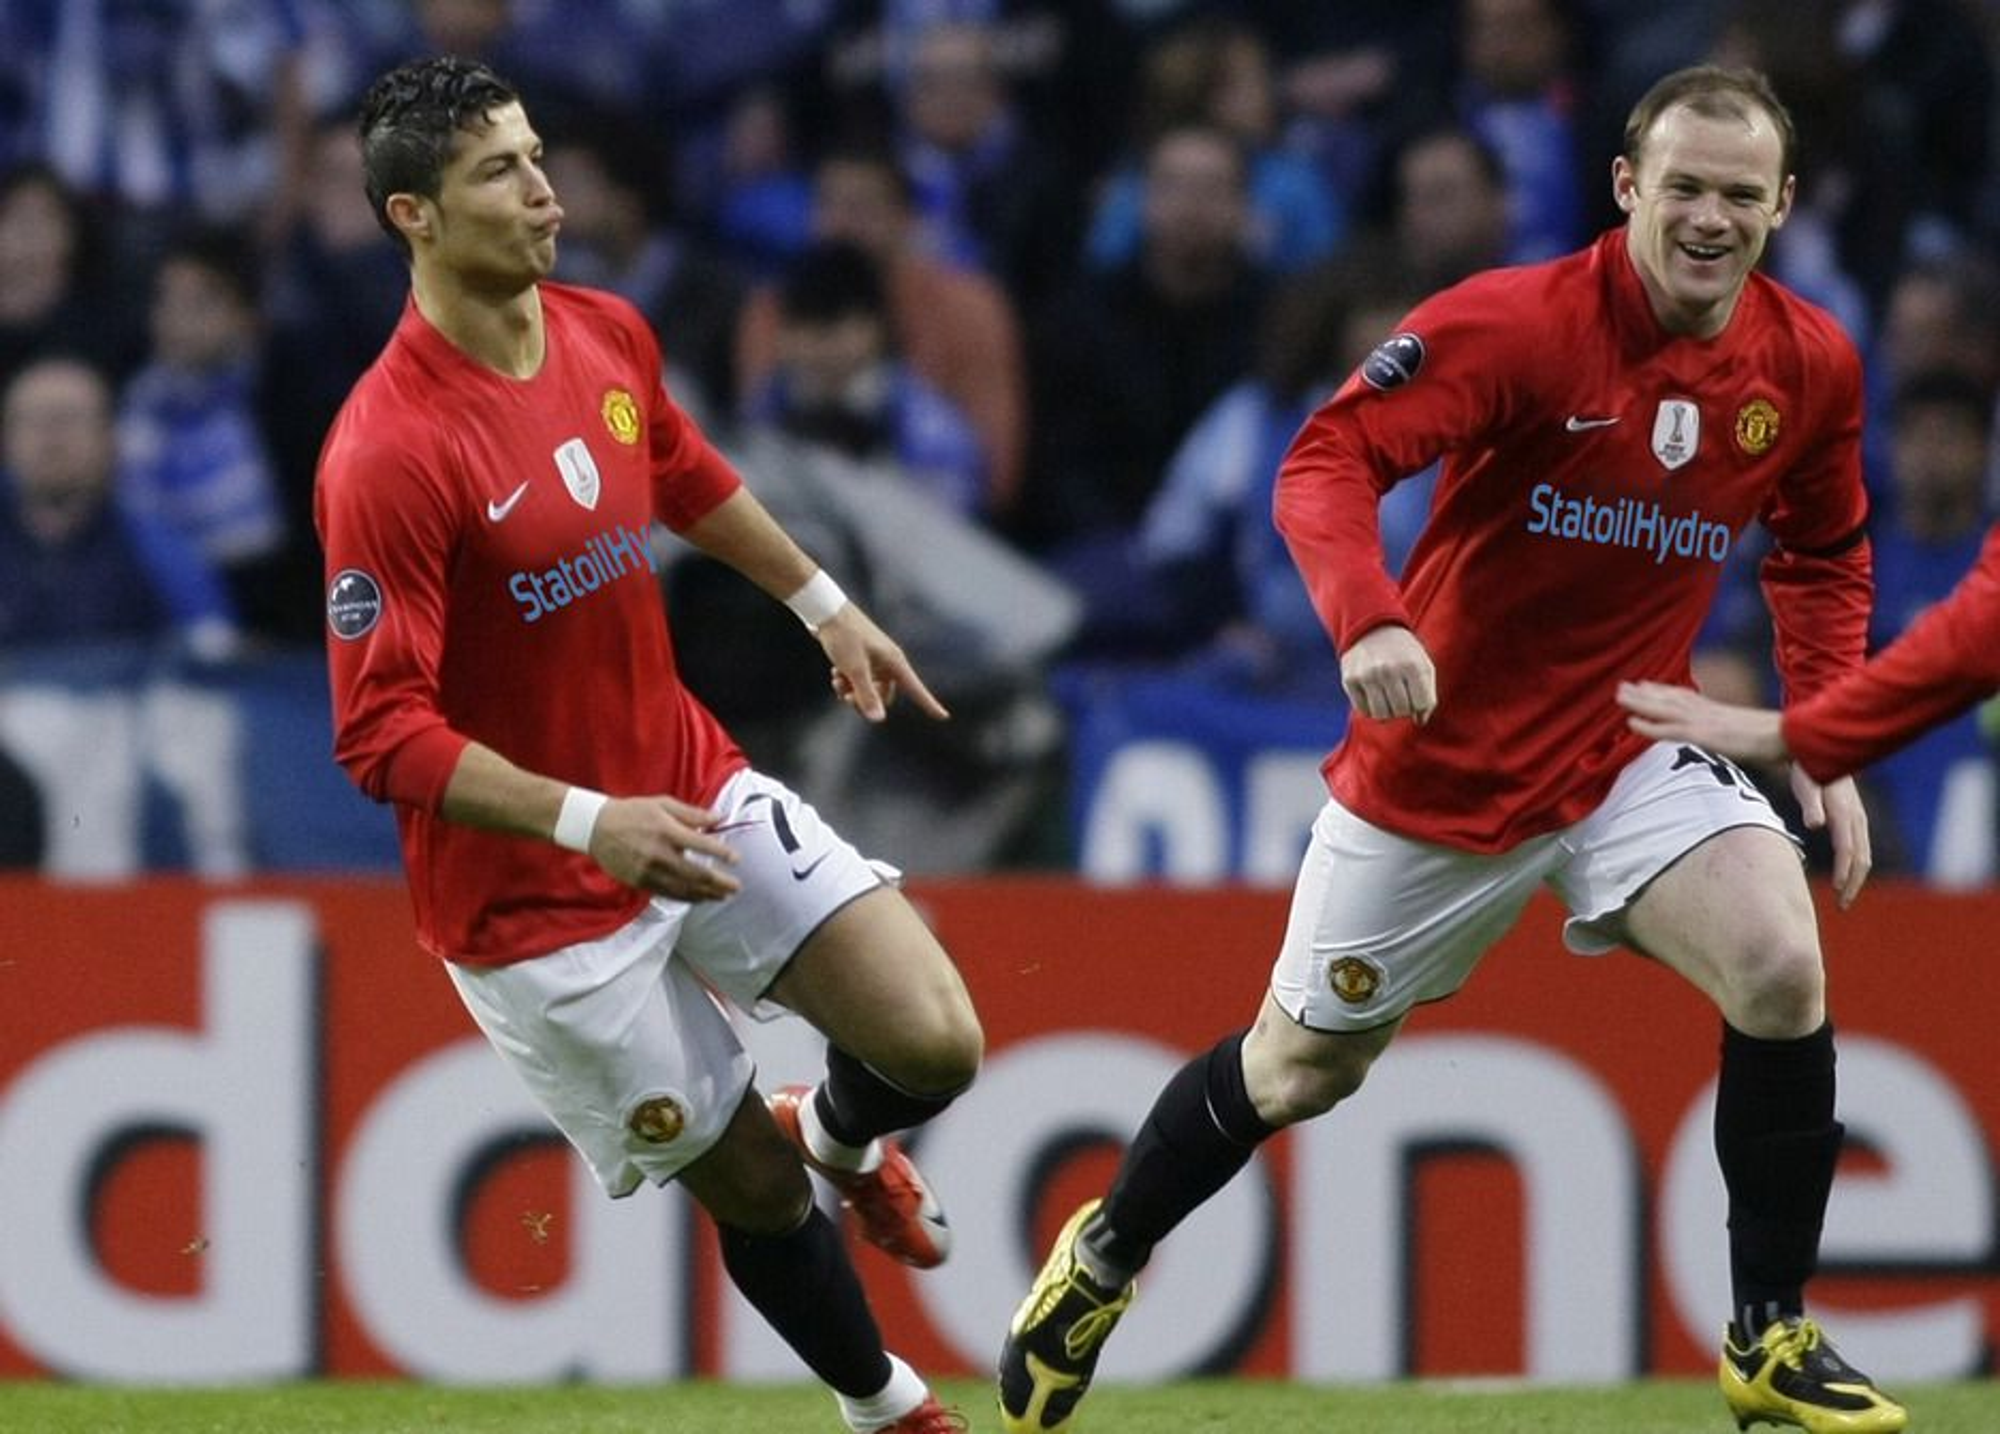 Cristiano Ronaldo, Wayne Rooney og resten av United-stjernene kunne fått norsk hovedsponsor om StatoilHydro hadde takket ja. (Bildet er manipulert)